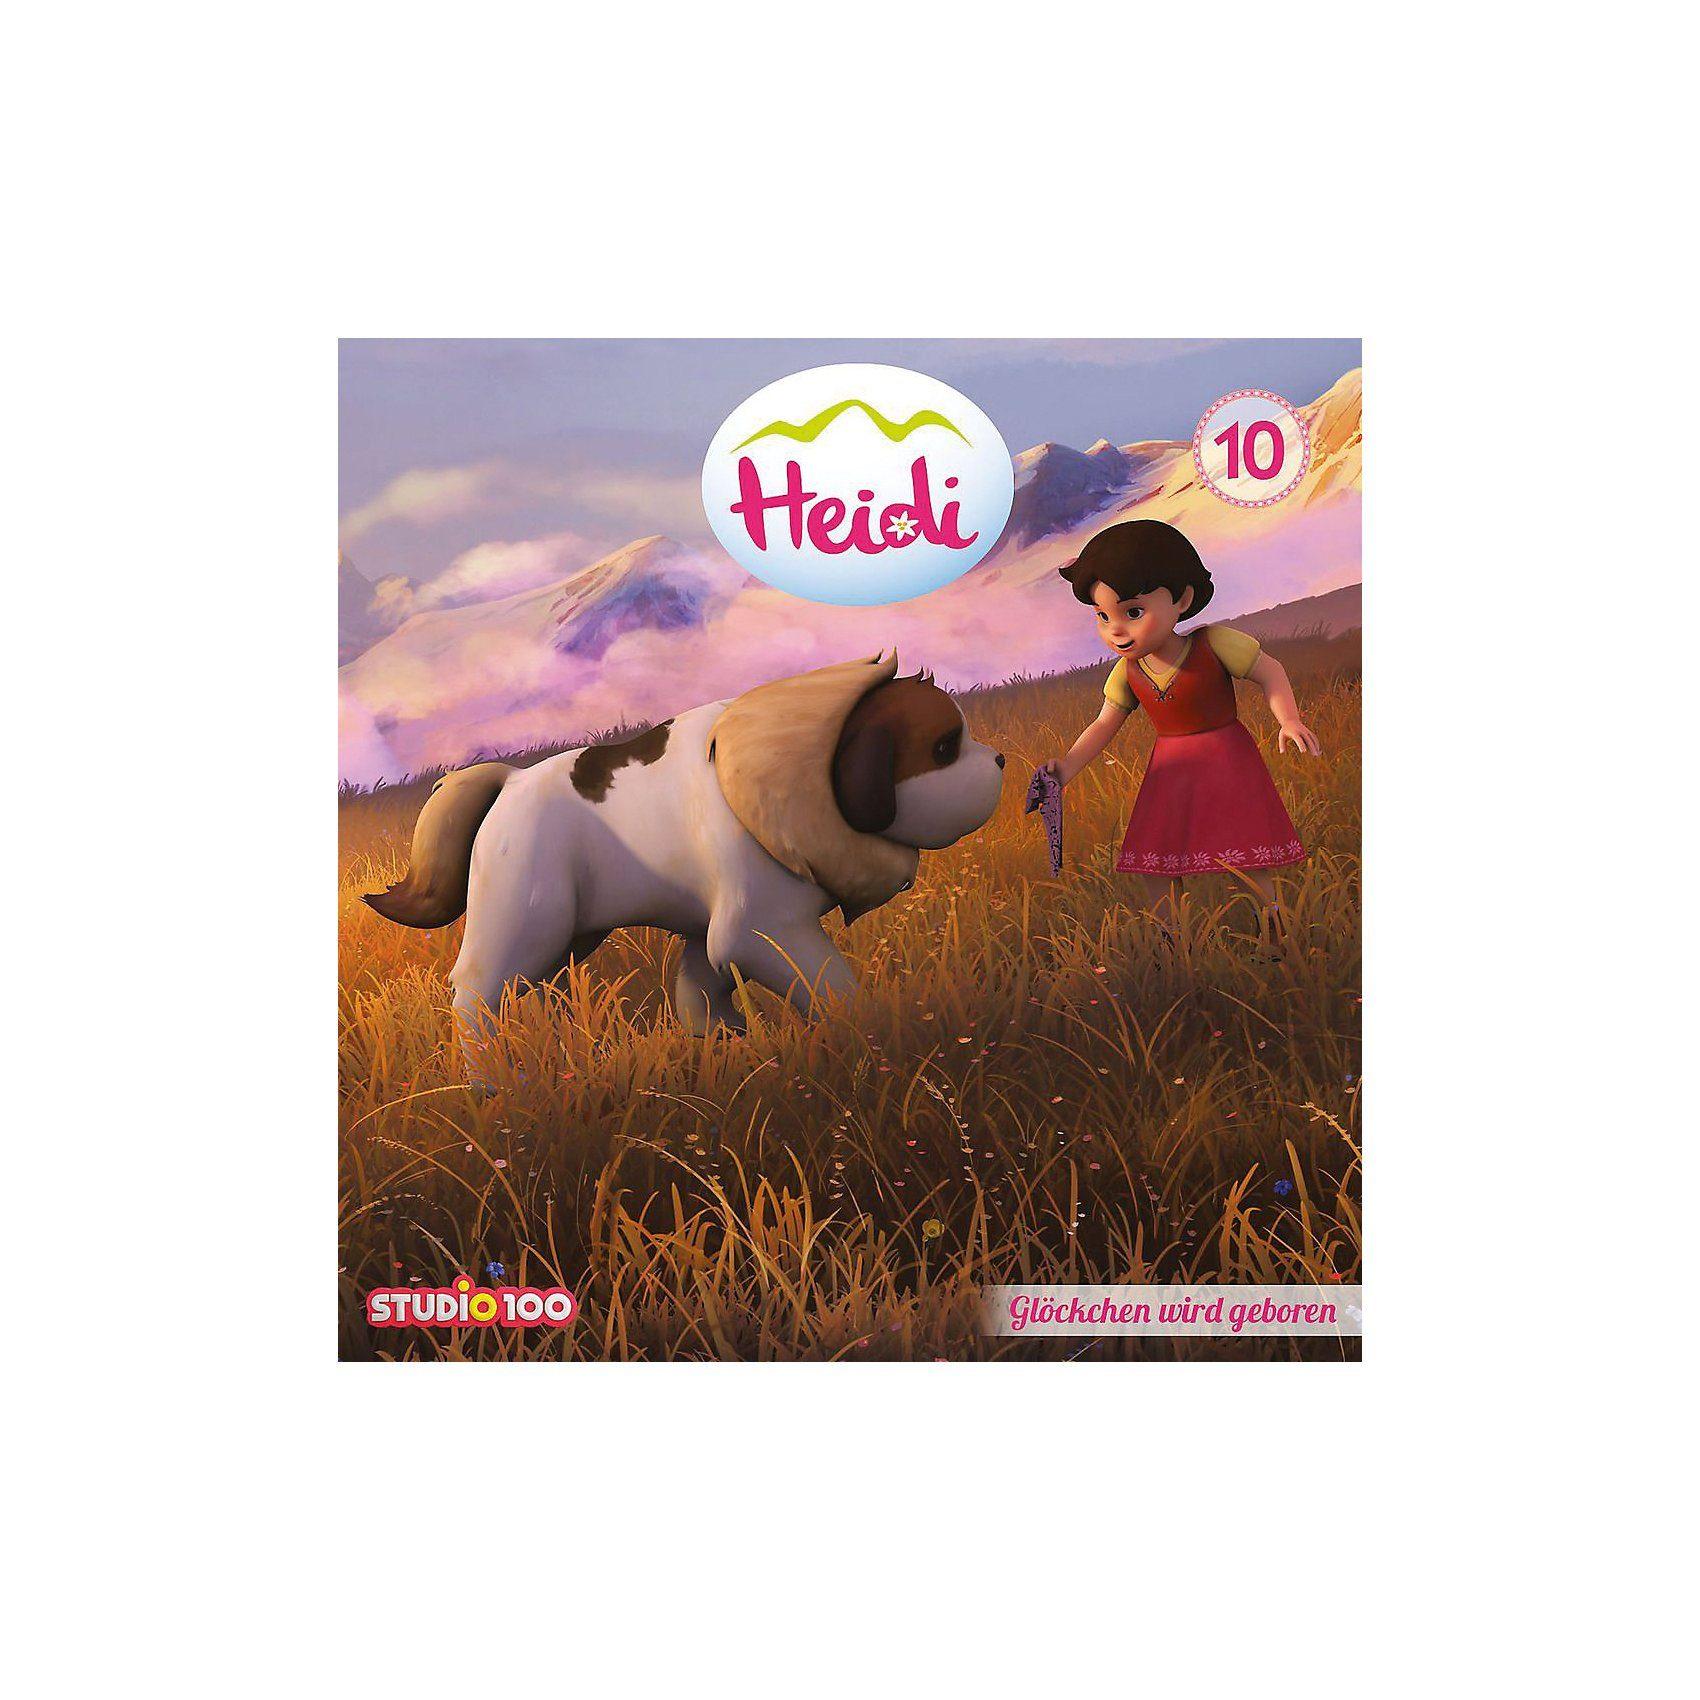 Universal CD Heidi 10 - Glöckchen wird geboren u.a.